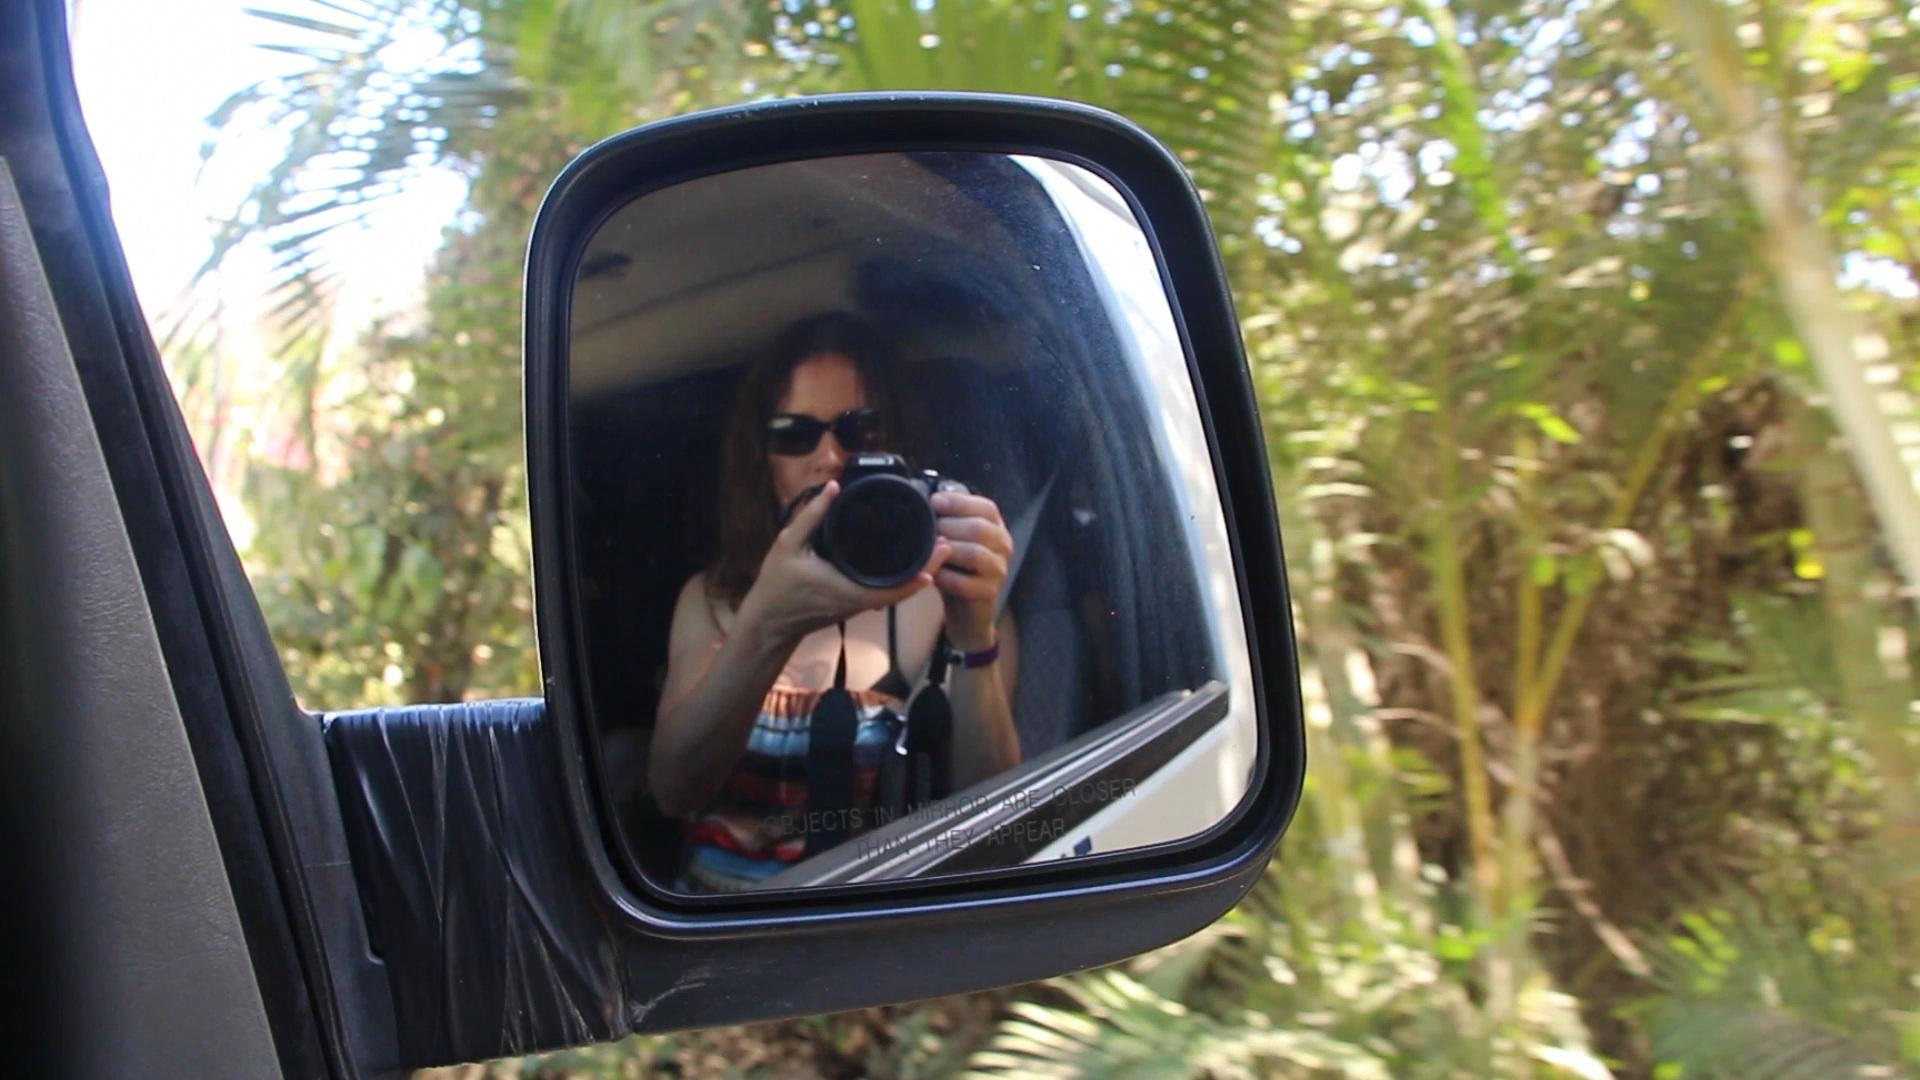 Daina with camera